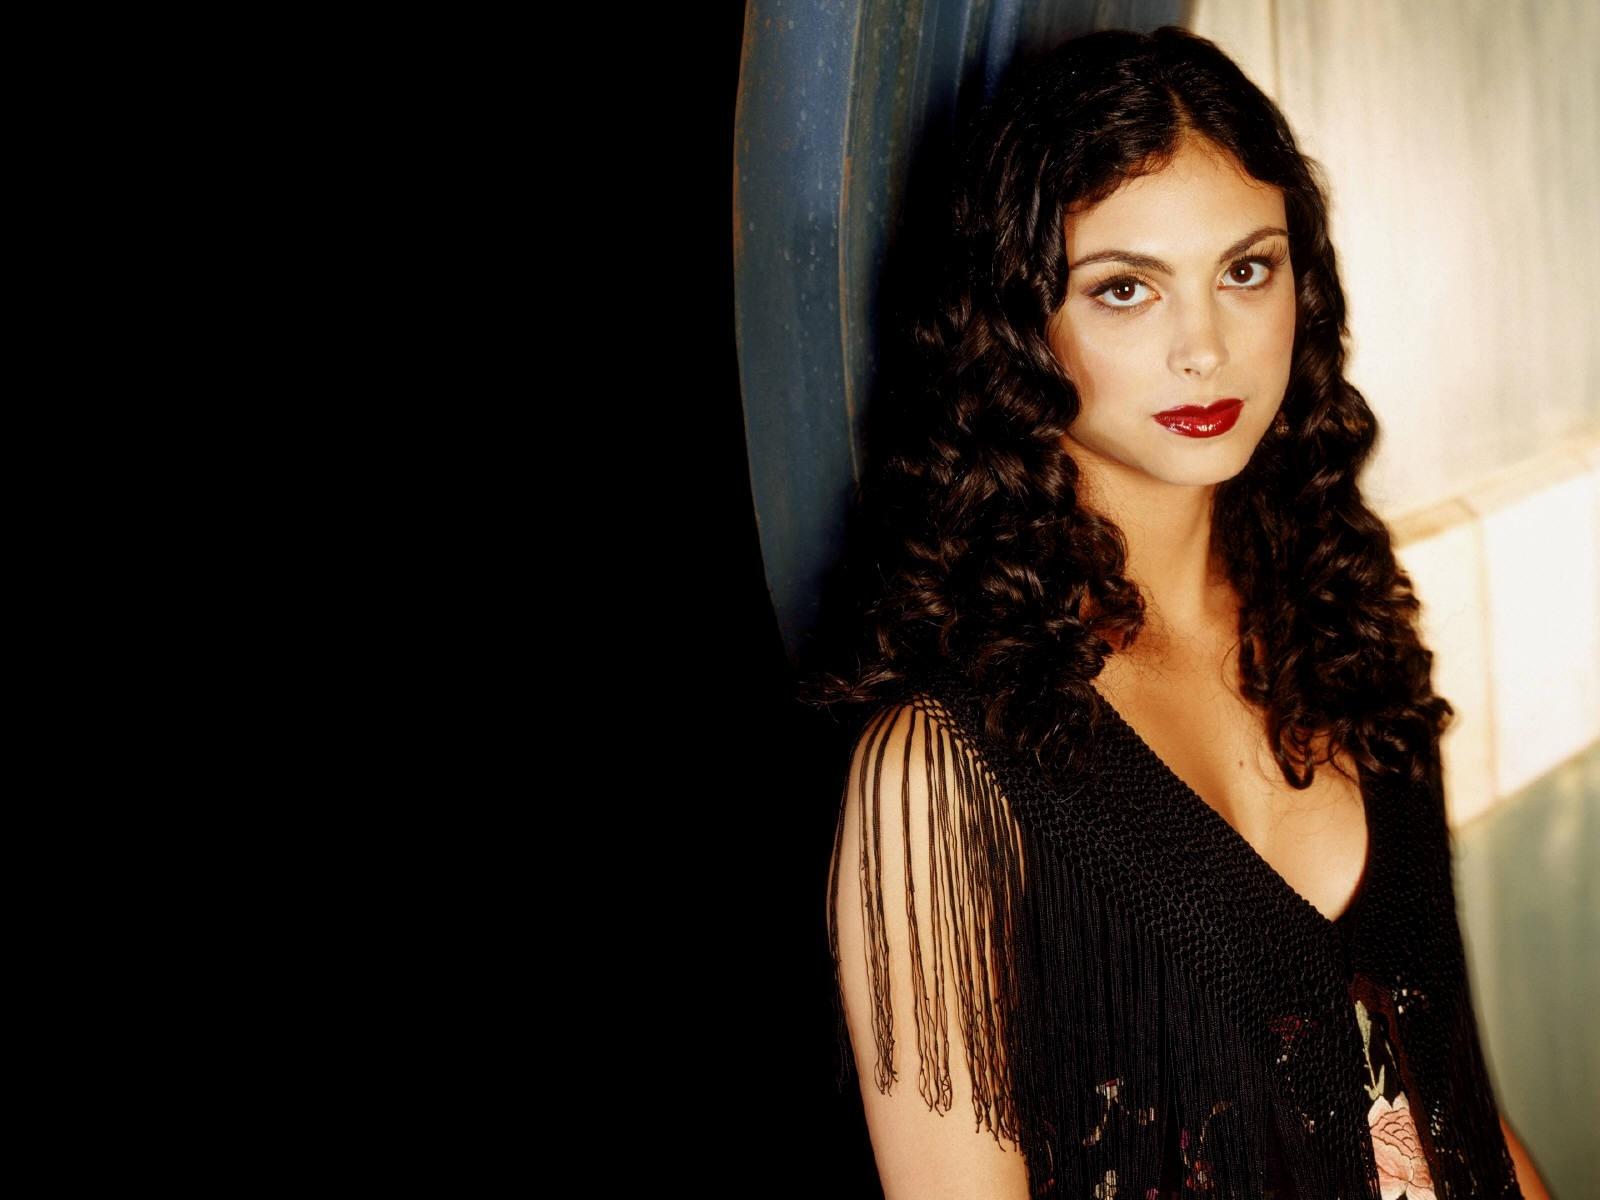 Wallpaper di Morena Baccarin - l'attrice è nata il 2 giugno 1979